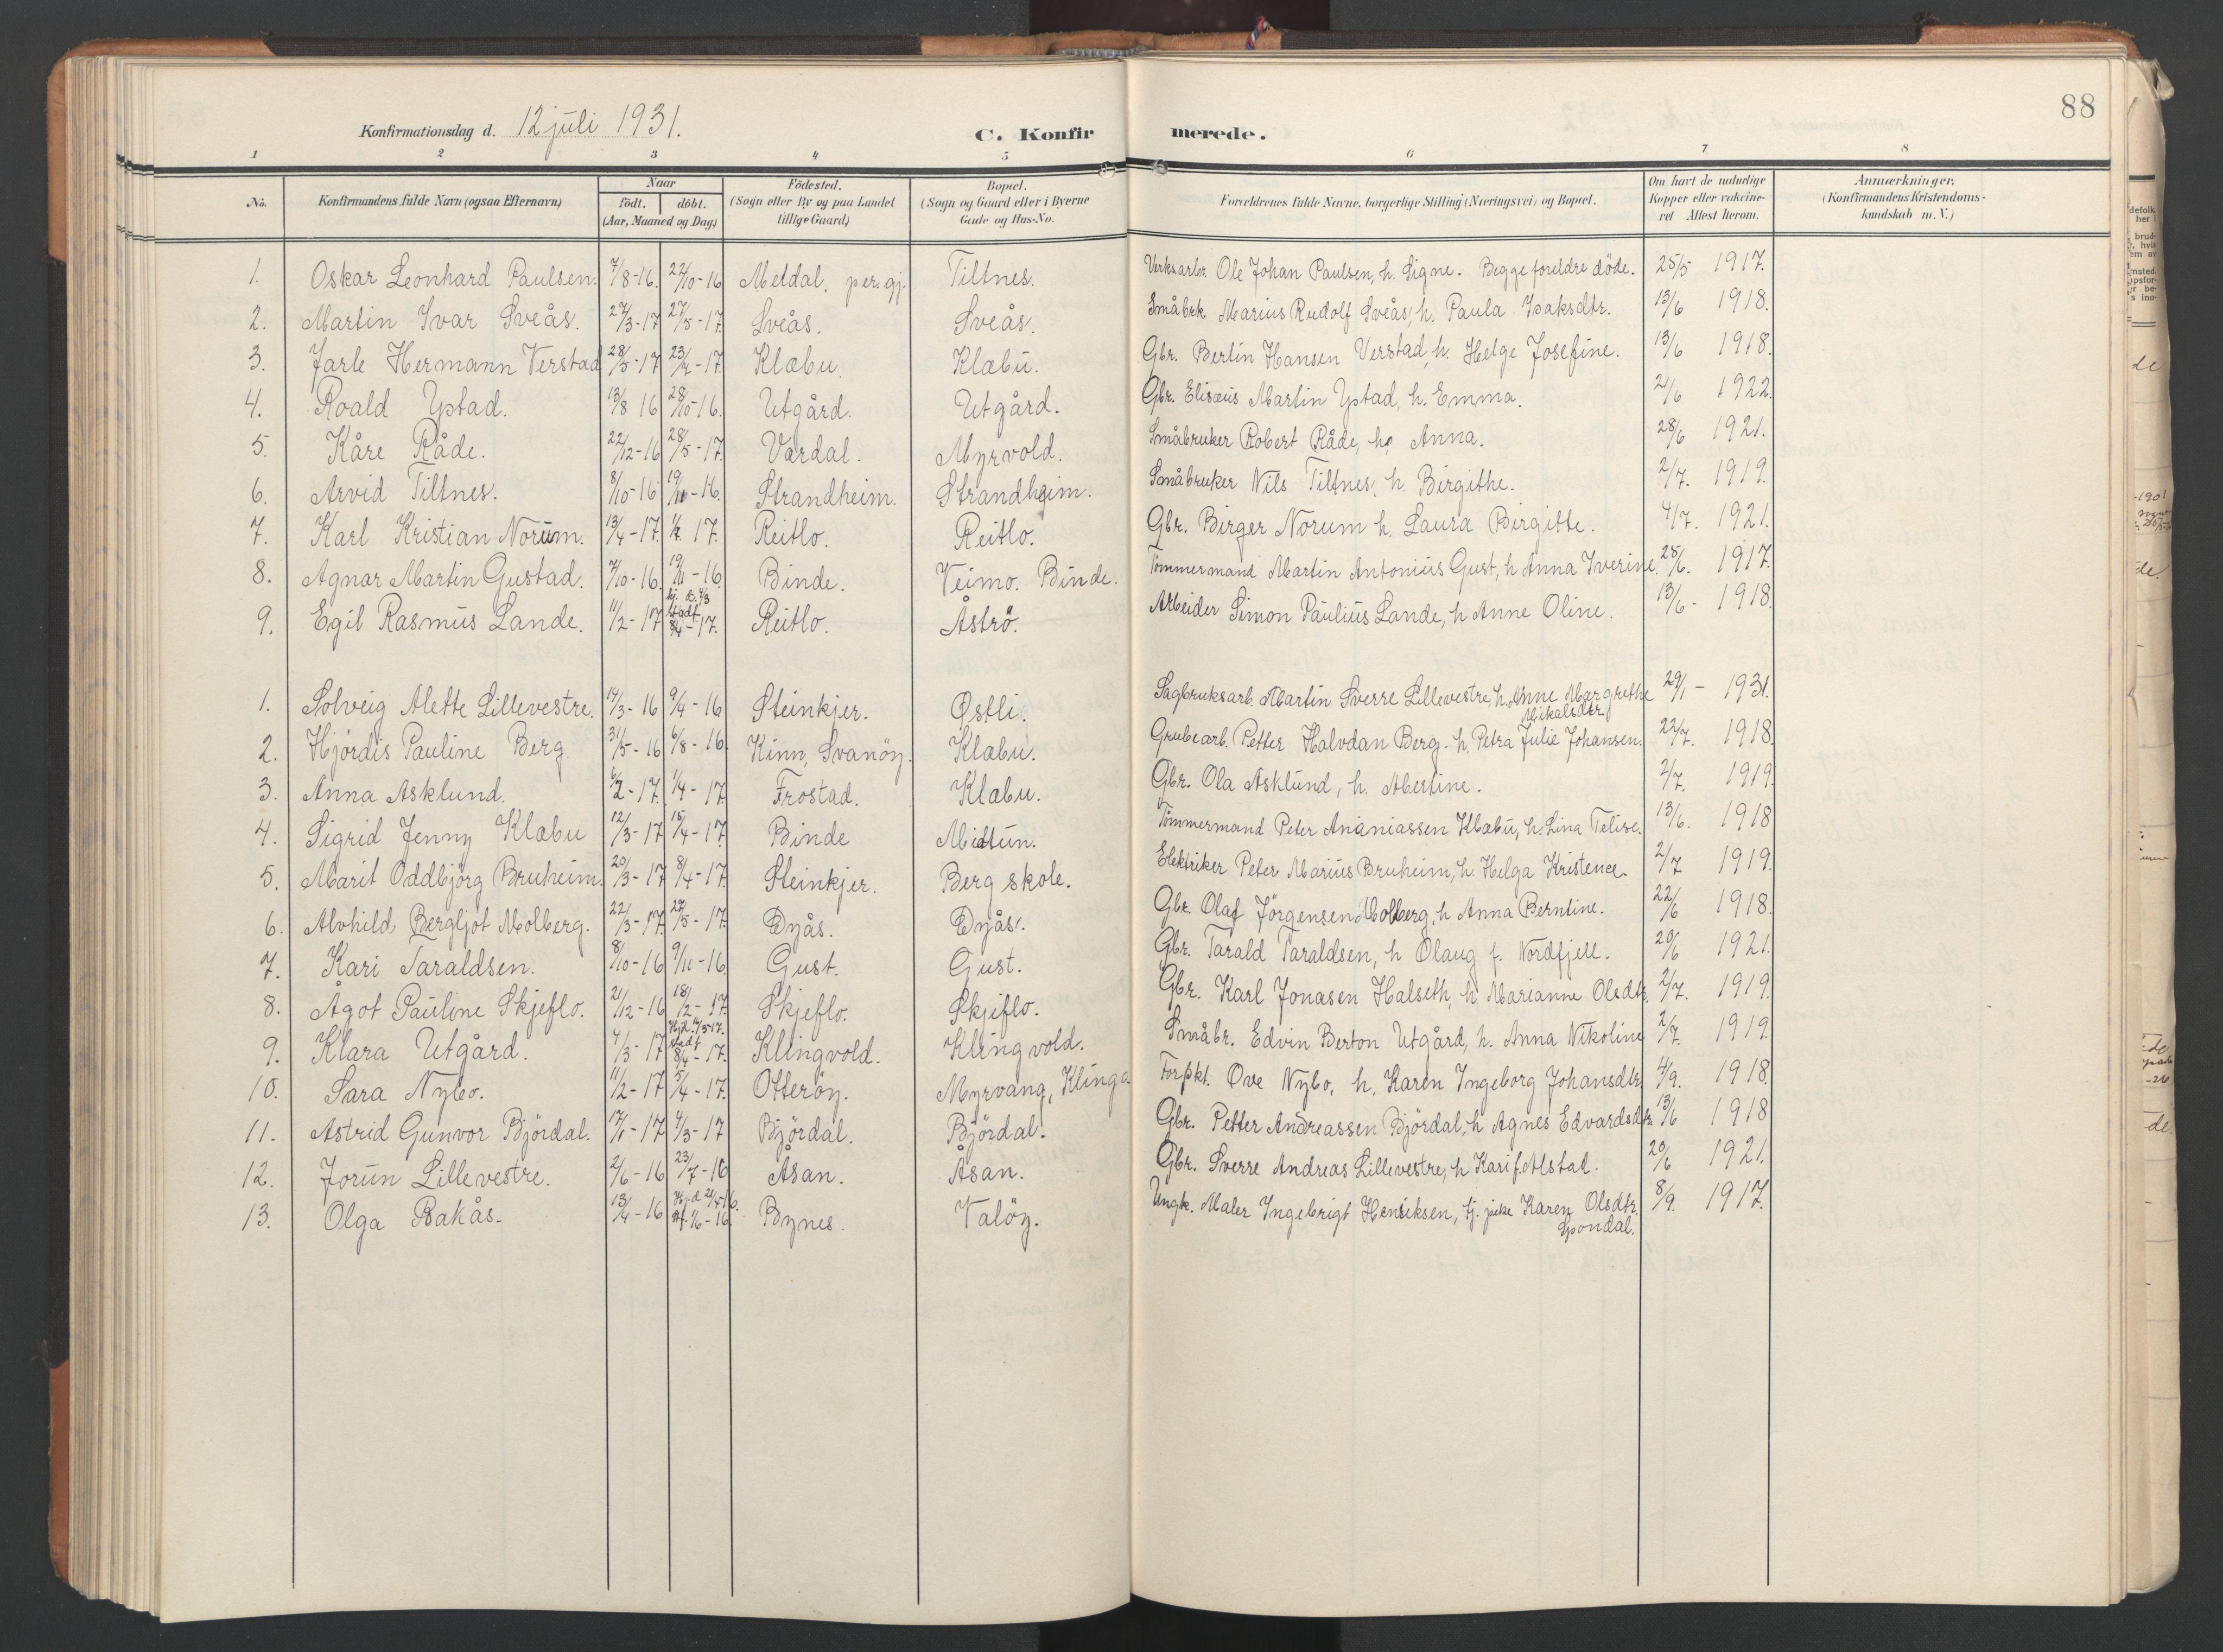 SAT, Ministerialprotokoller, klokkerbøker og fødselsregistre - Nord-Trøndelag, 746/L0455: Klokkerbok nr. 746C01, 1908-1933, s. 88